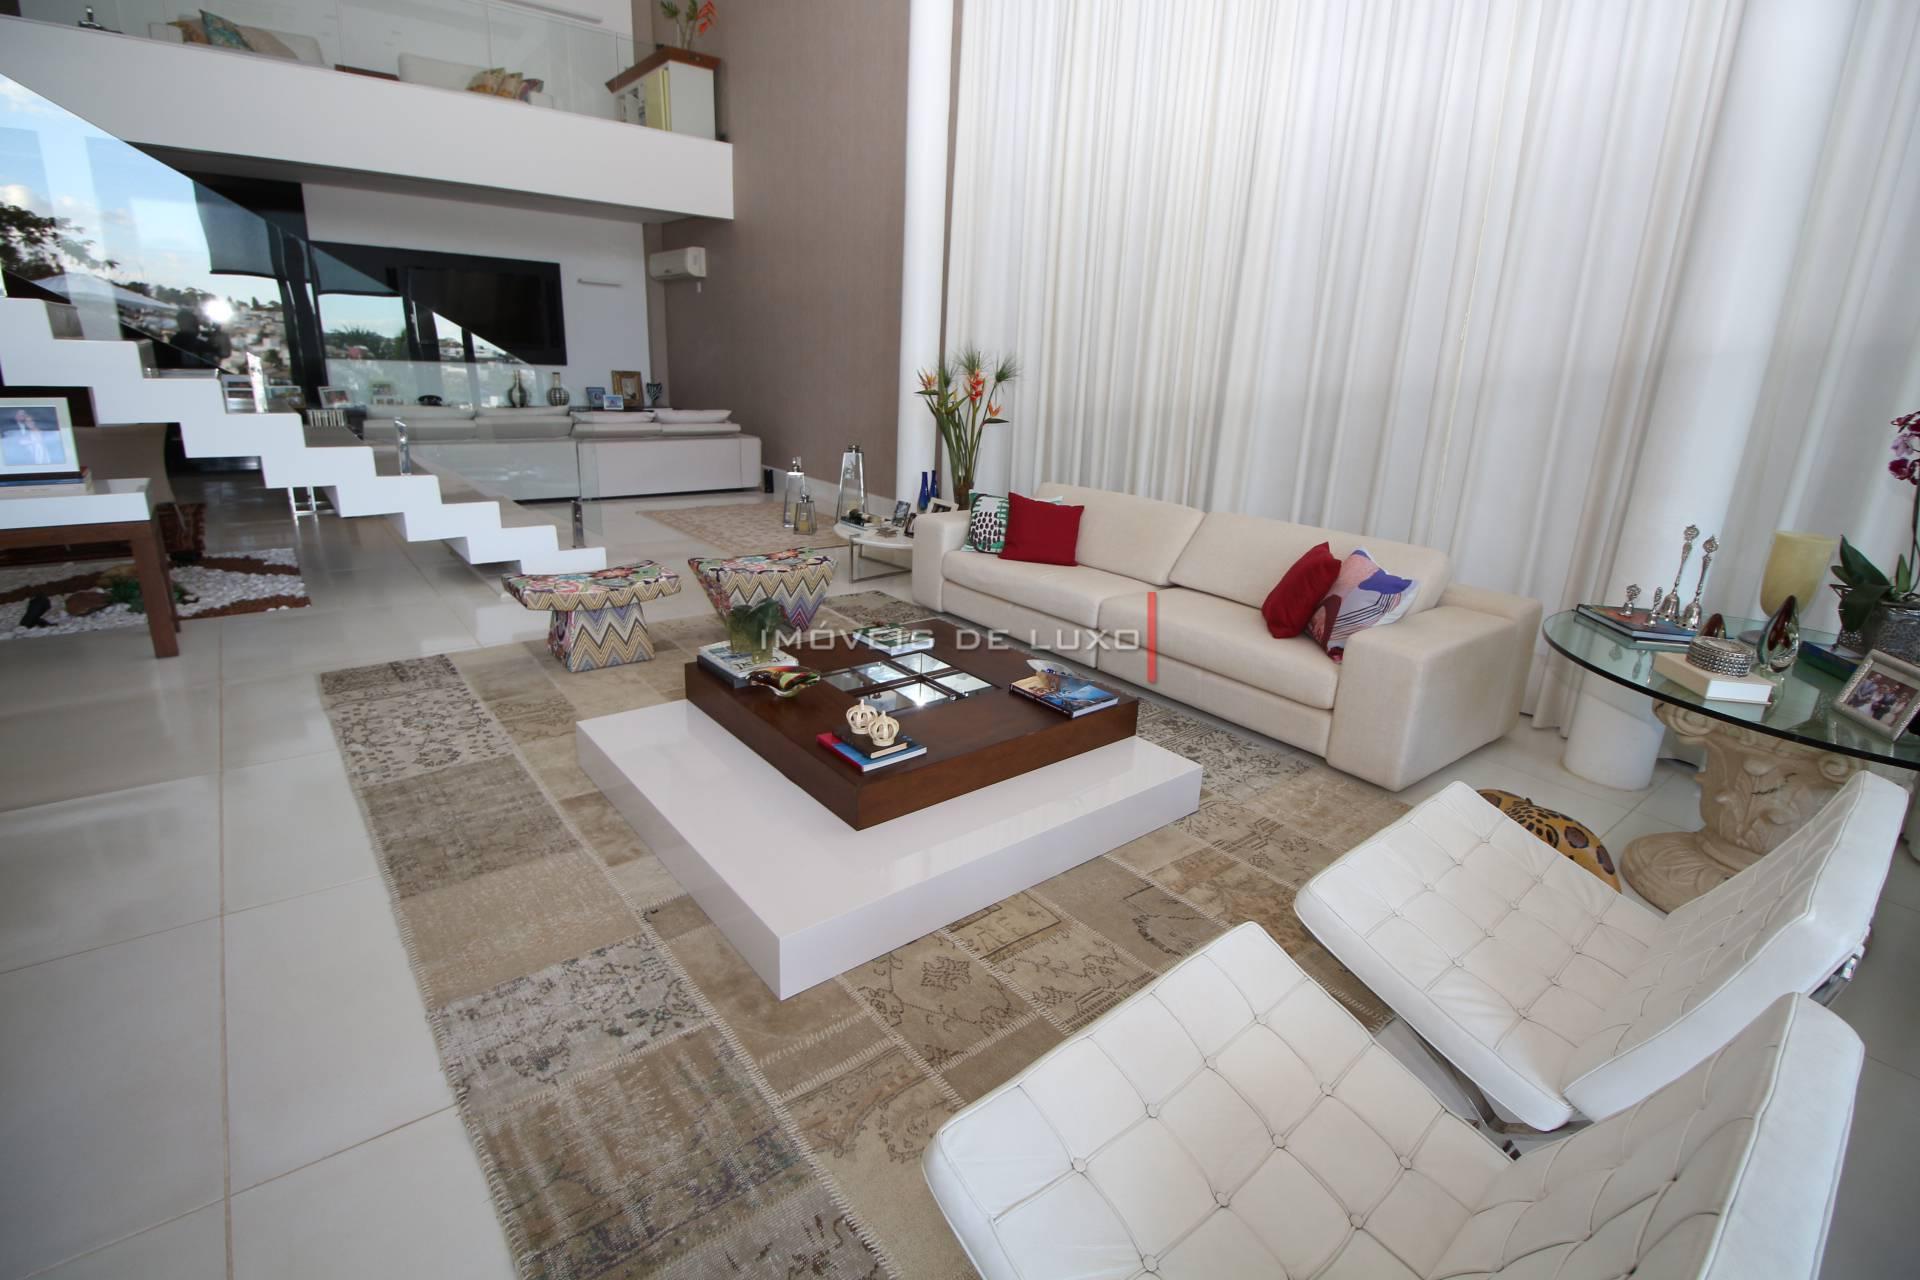 Imóveis de Luxo - Sobrado de Luxo com vista para o Clube no Alphaville Araguaia